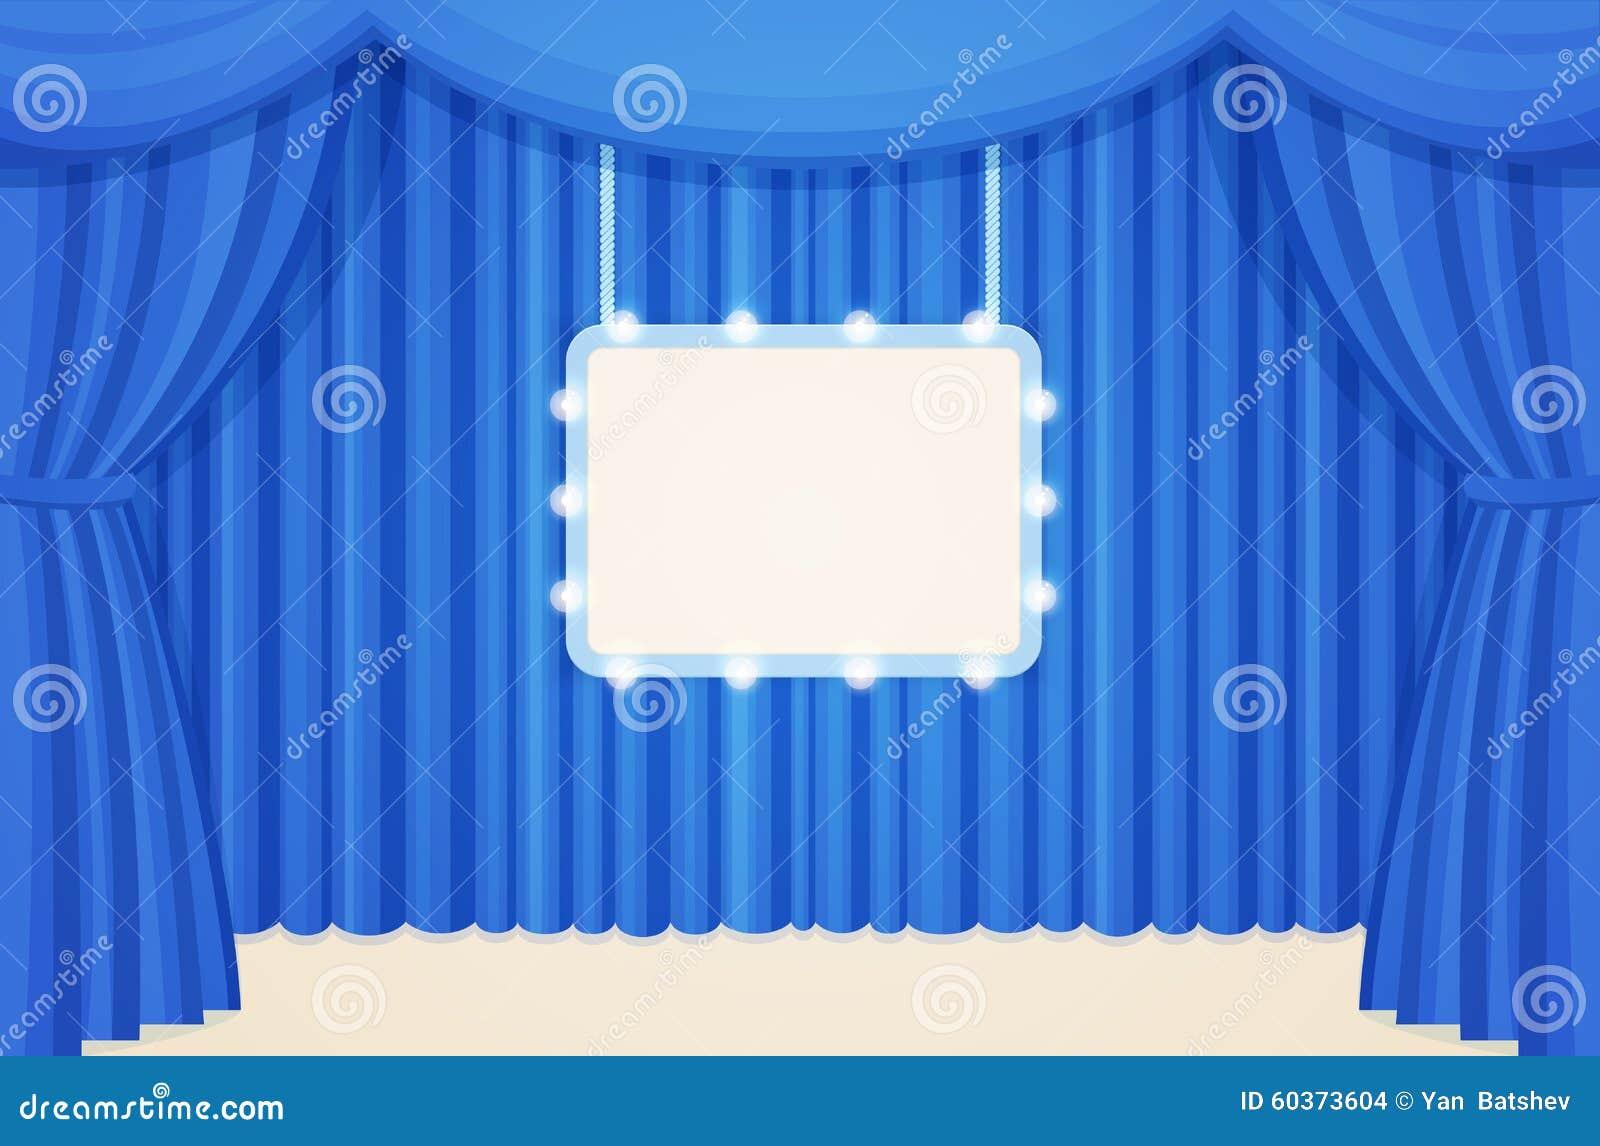 download uitstekend theater of bioskoopstadium met blauwe gordijnen en van markttent gloeilampen raad vector illustratie